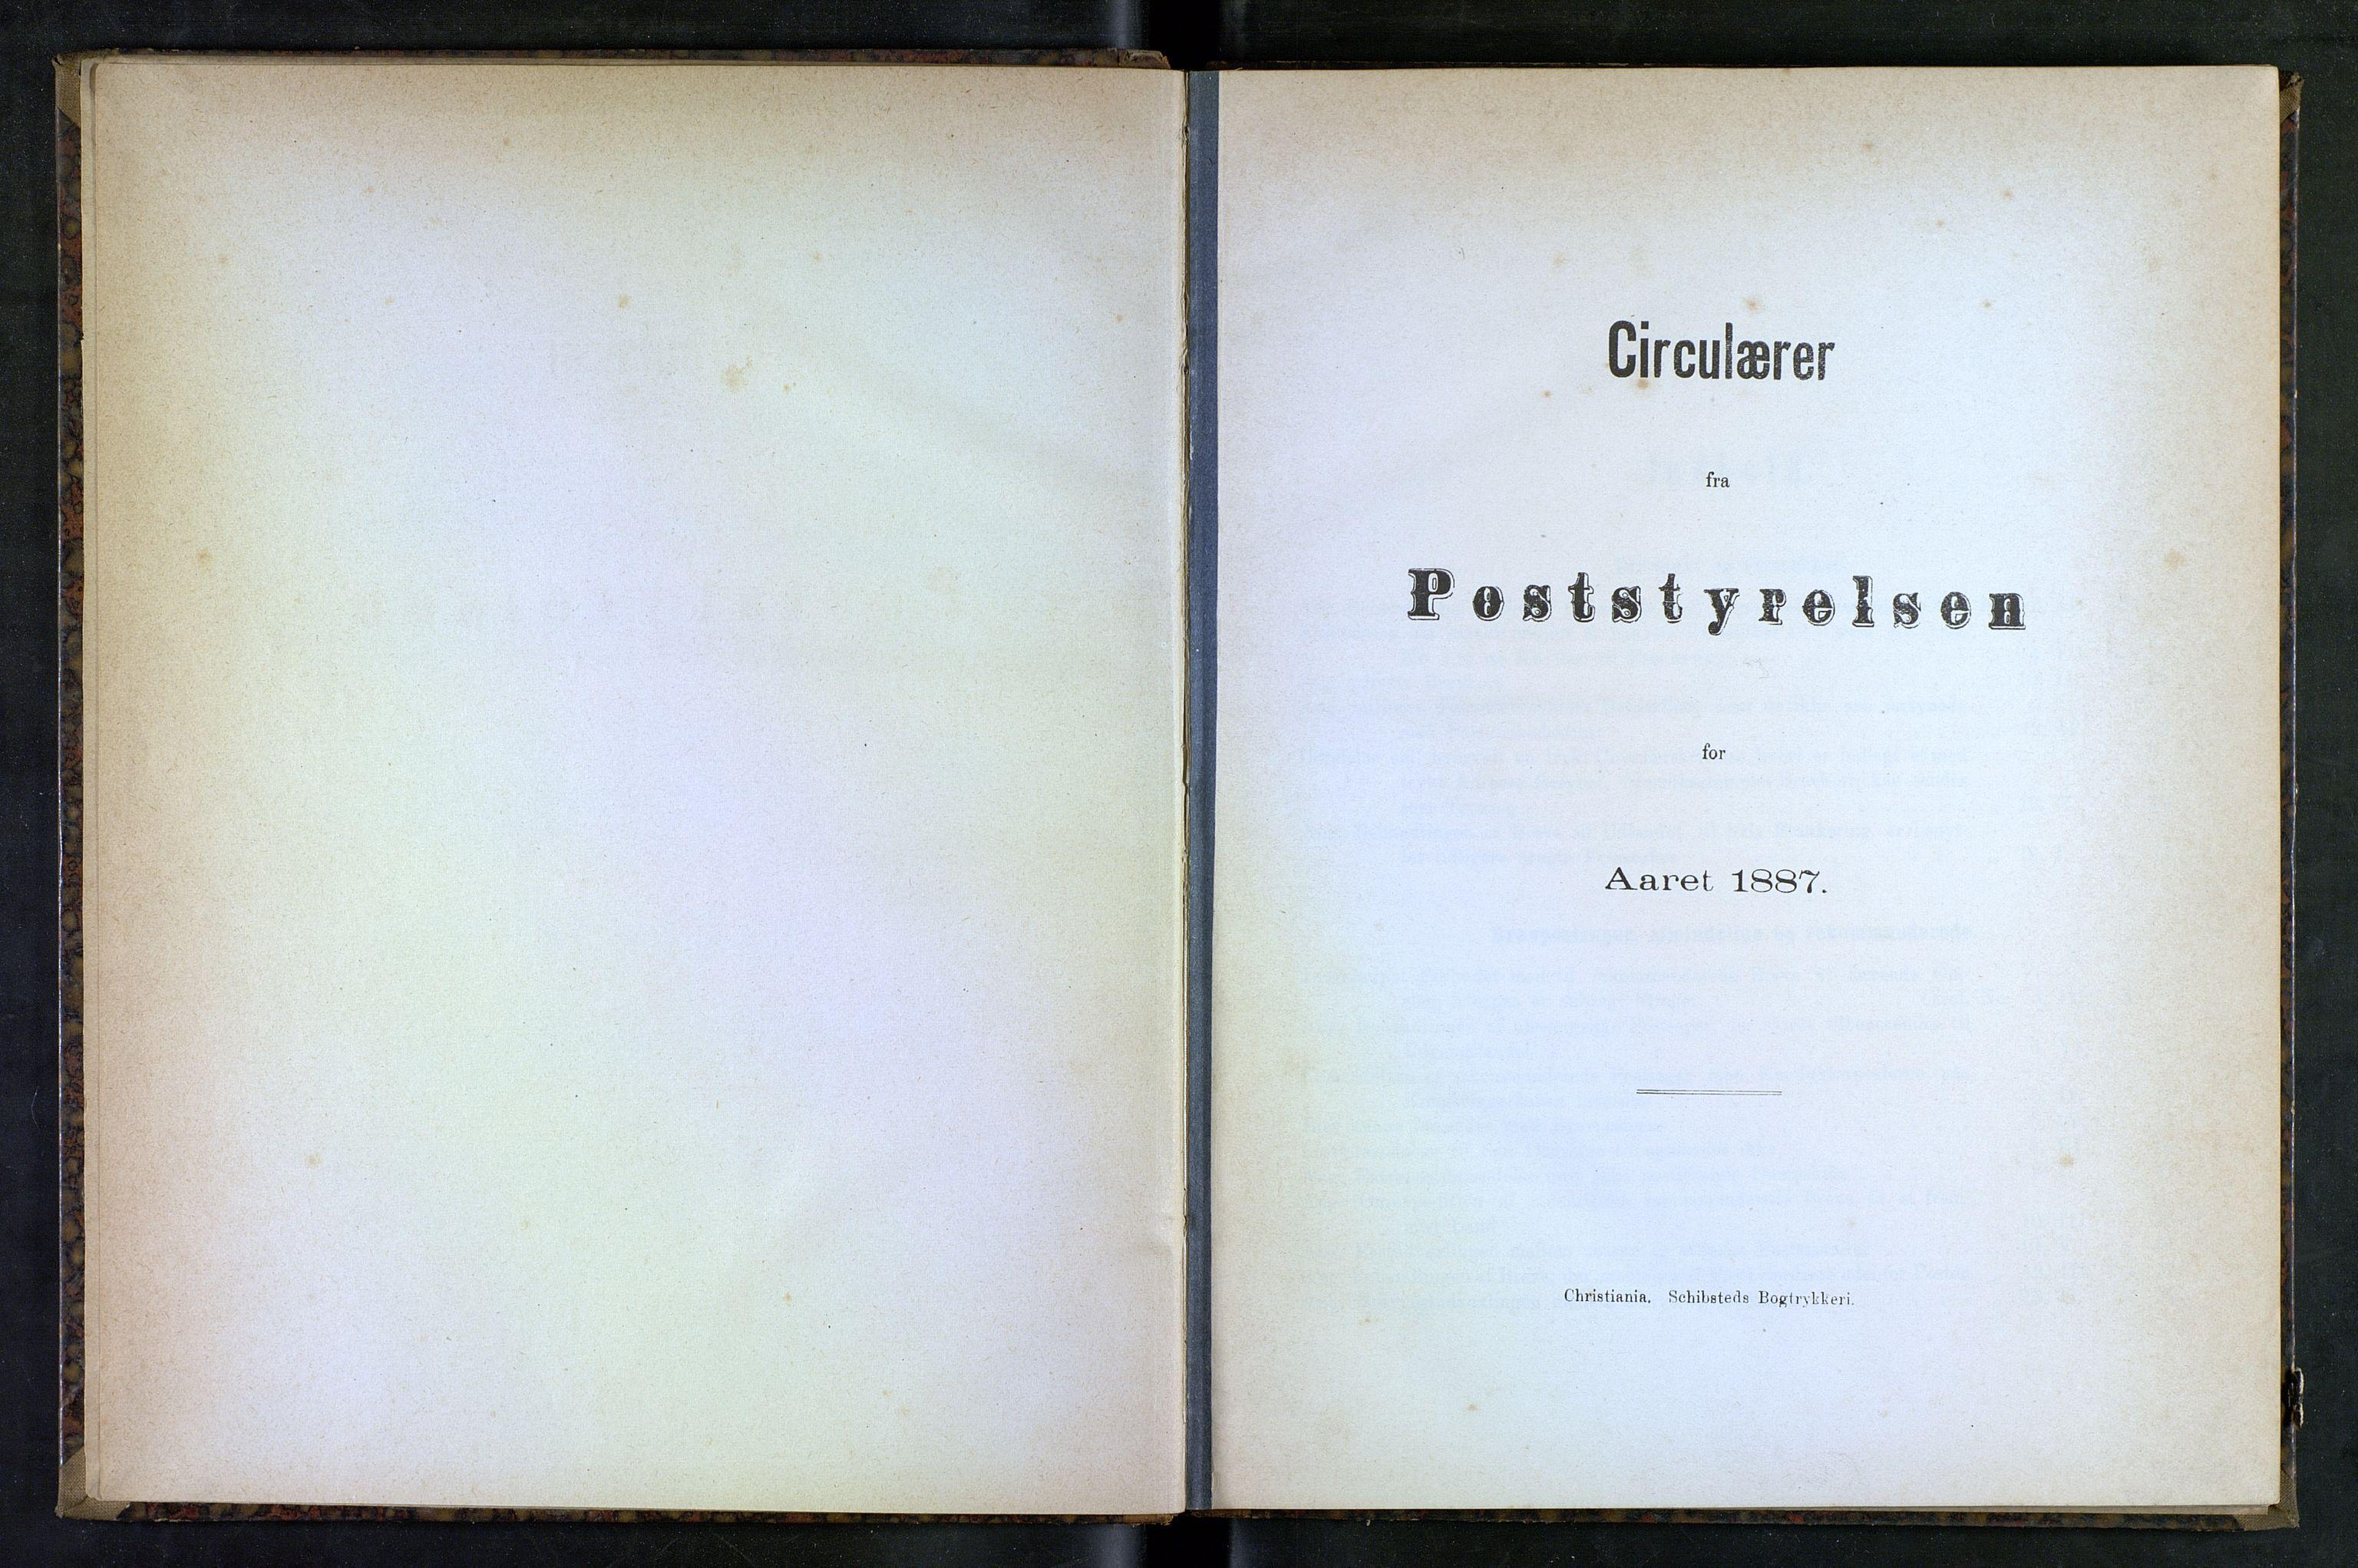 NOPO, Norges Postmuseums bibliotek, -/-: Sirkulærer fra Poststyrelsen, 1887